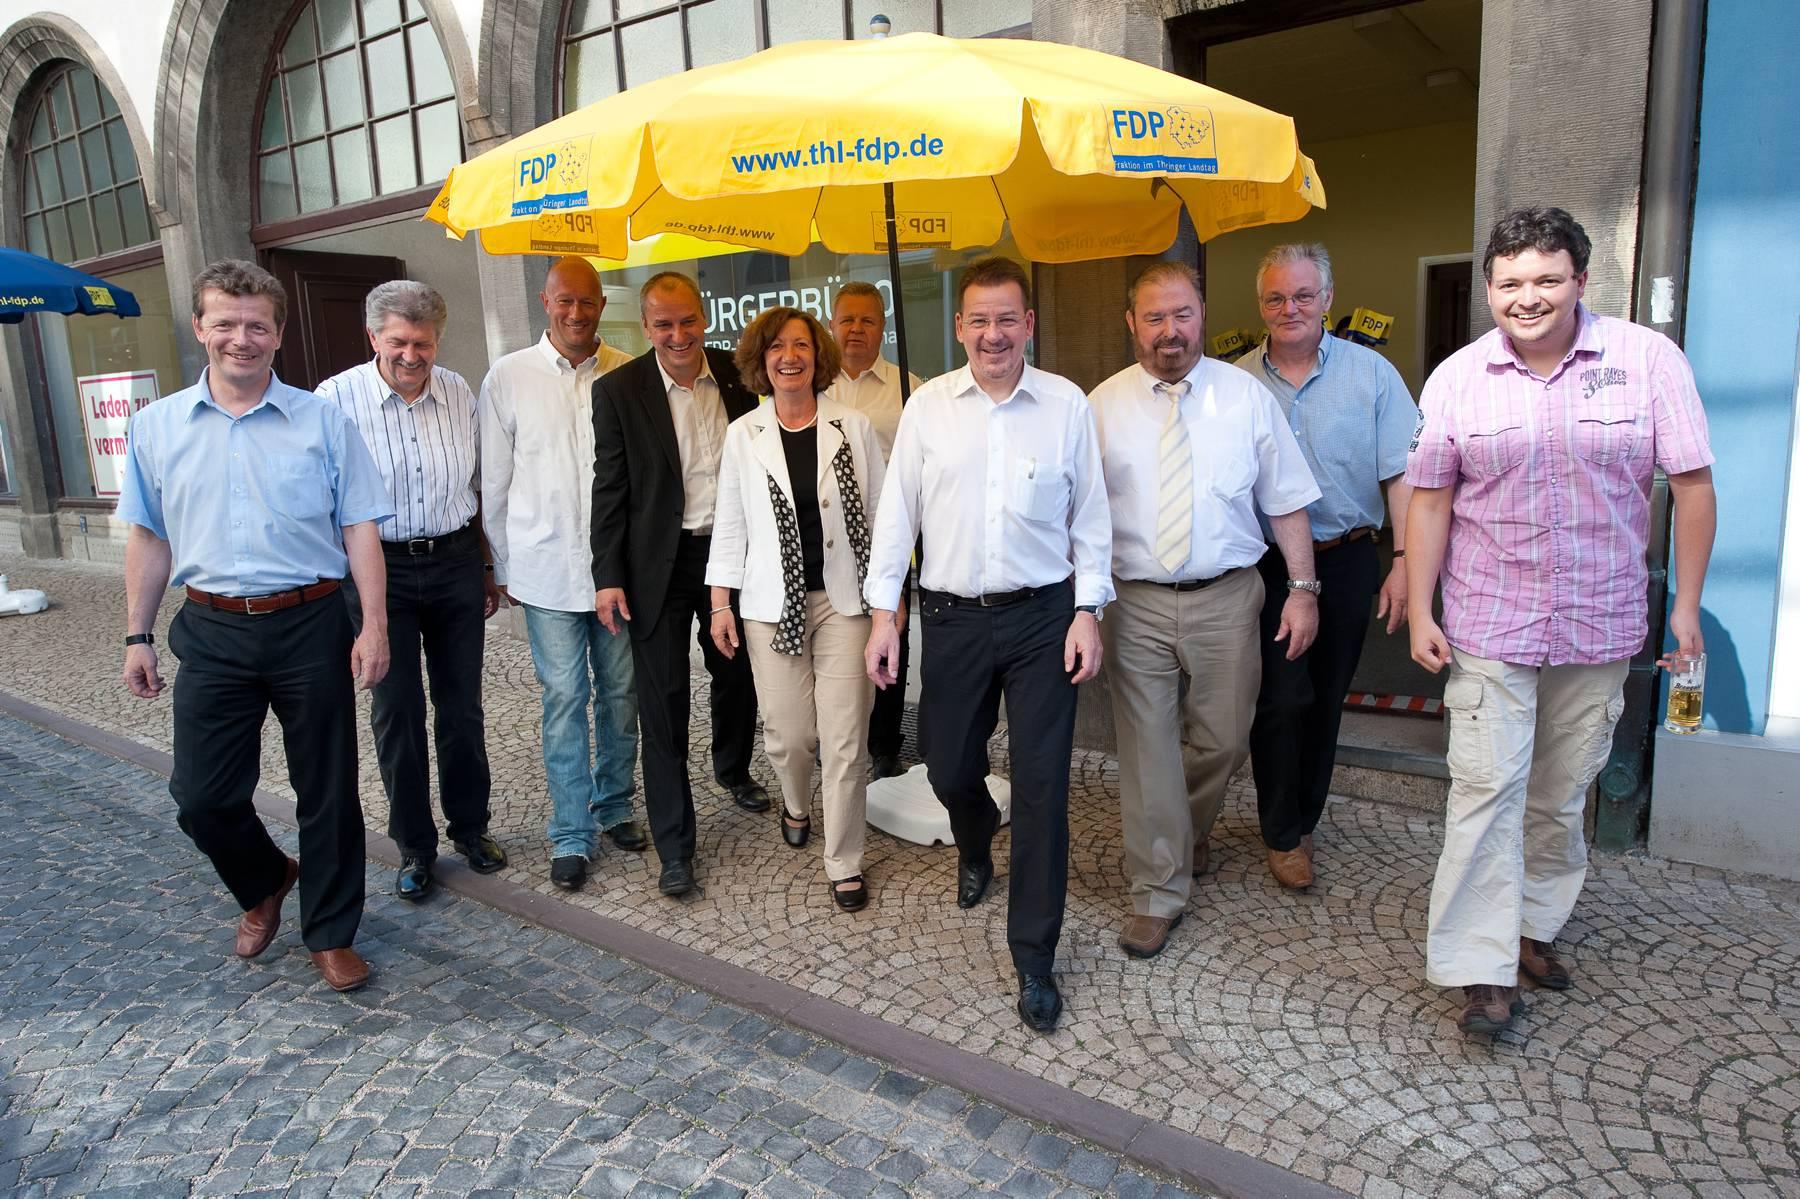 FDP zieht von der Pfortenstraße an den Hauptmarkt